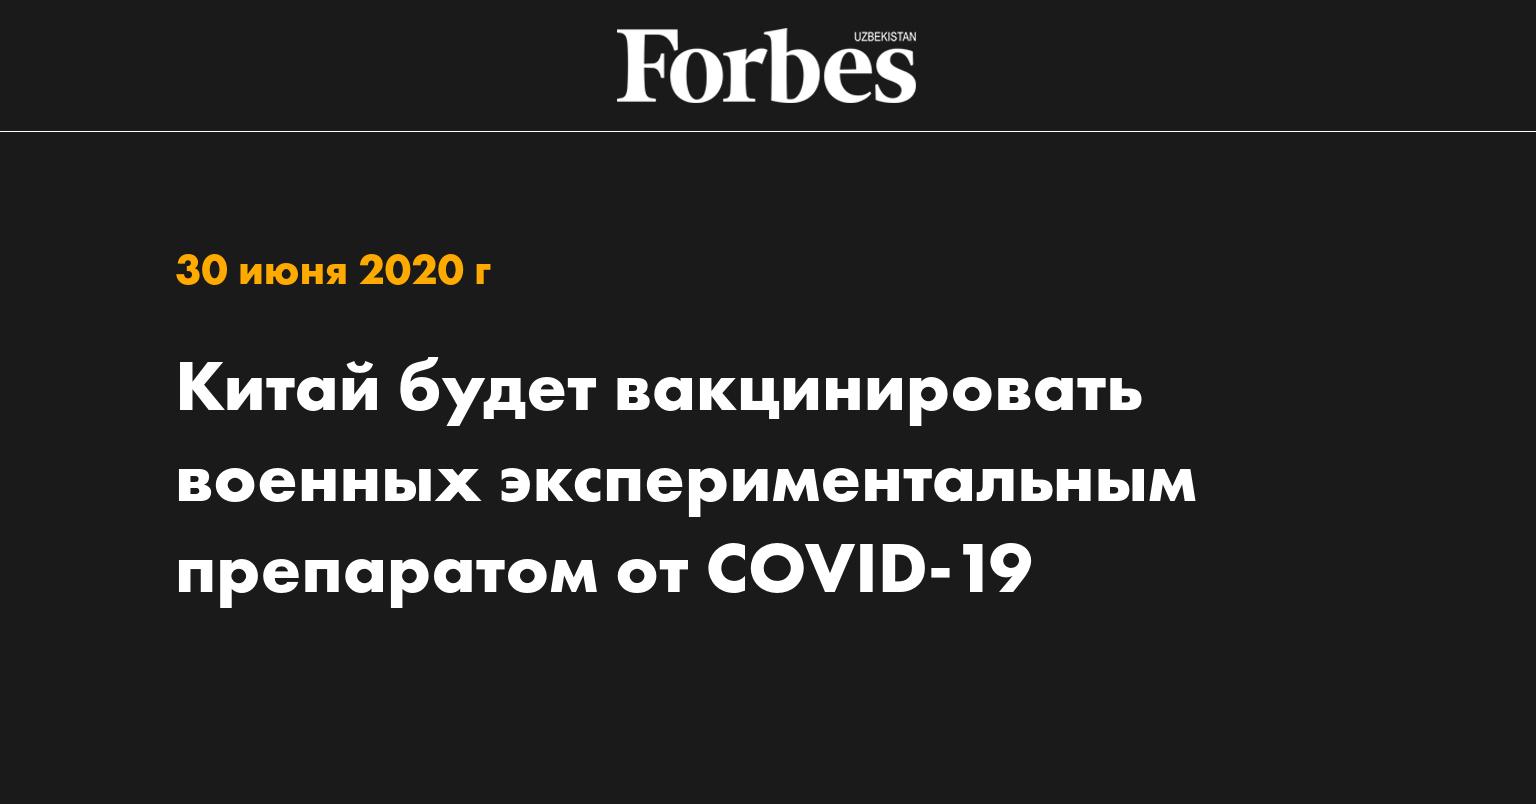 Китай будет вакцинировать военных экспериментальным препаратом от COVID-19